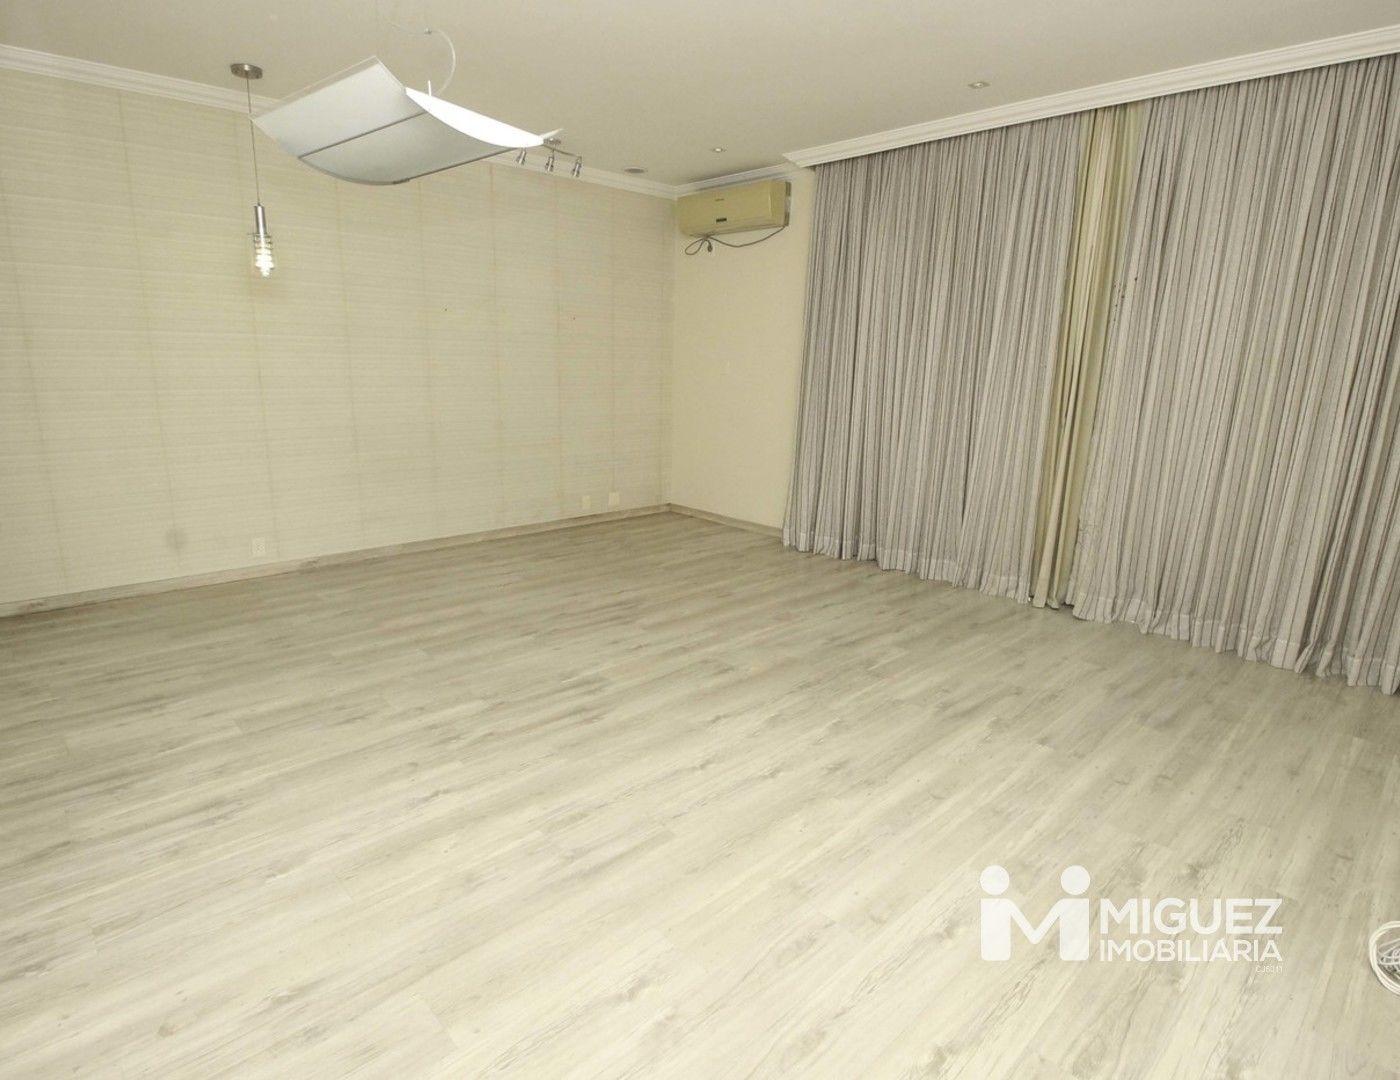 Apartamento, venda, Rua Pinto Guedes - Tijuca , Rio de janeiro